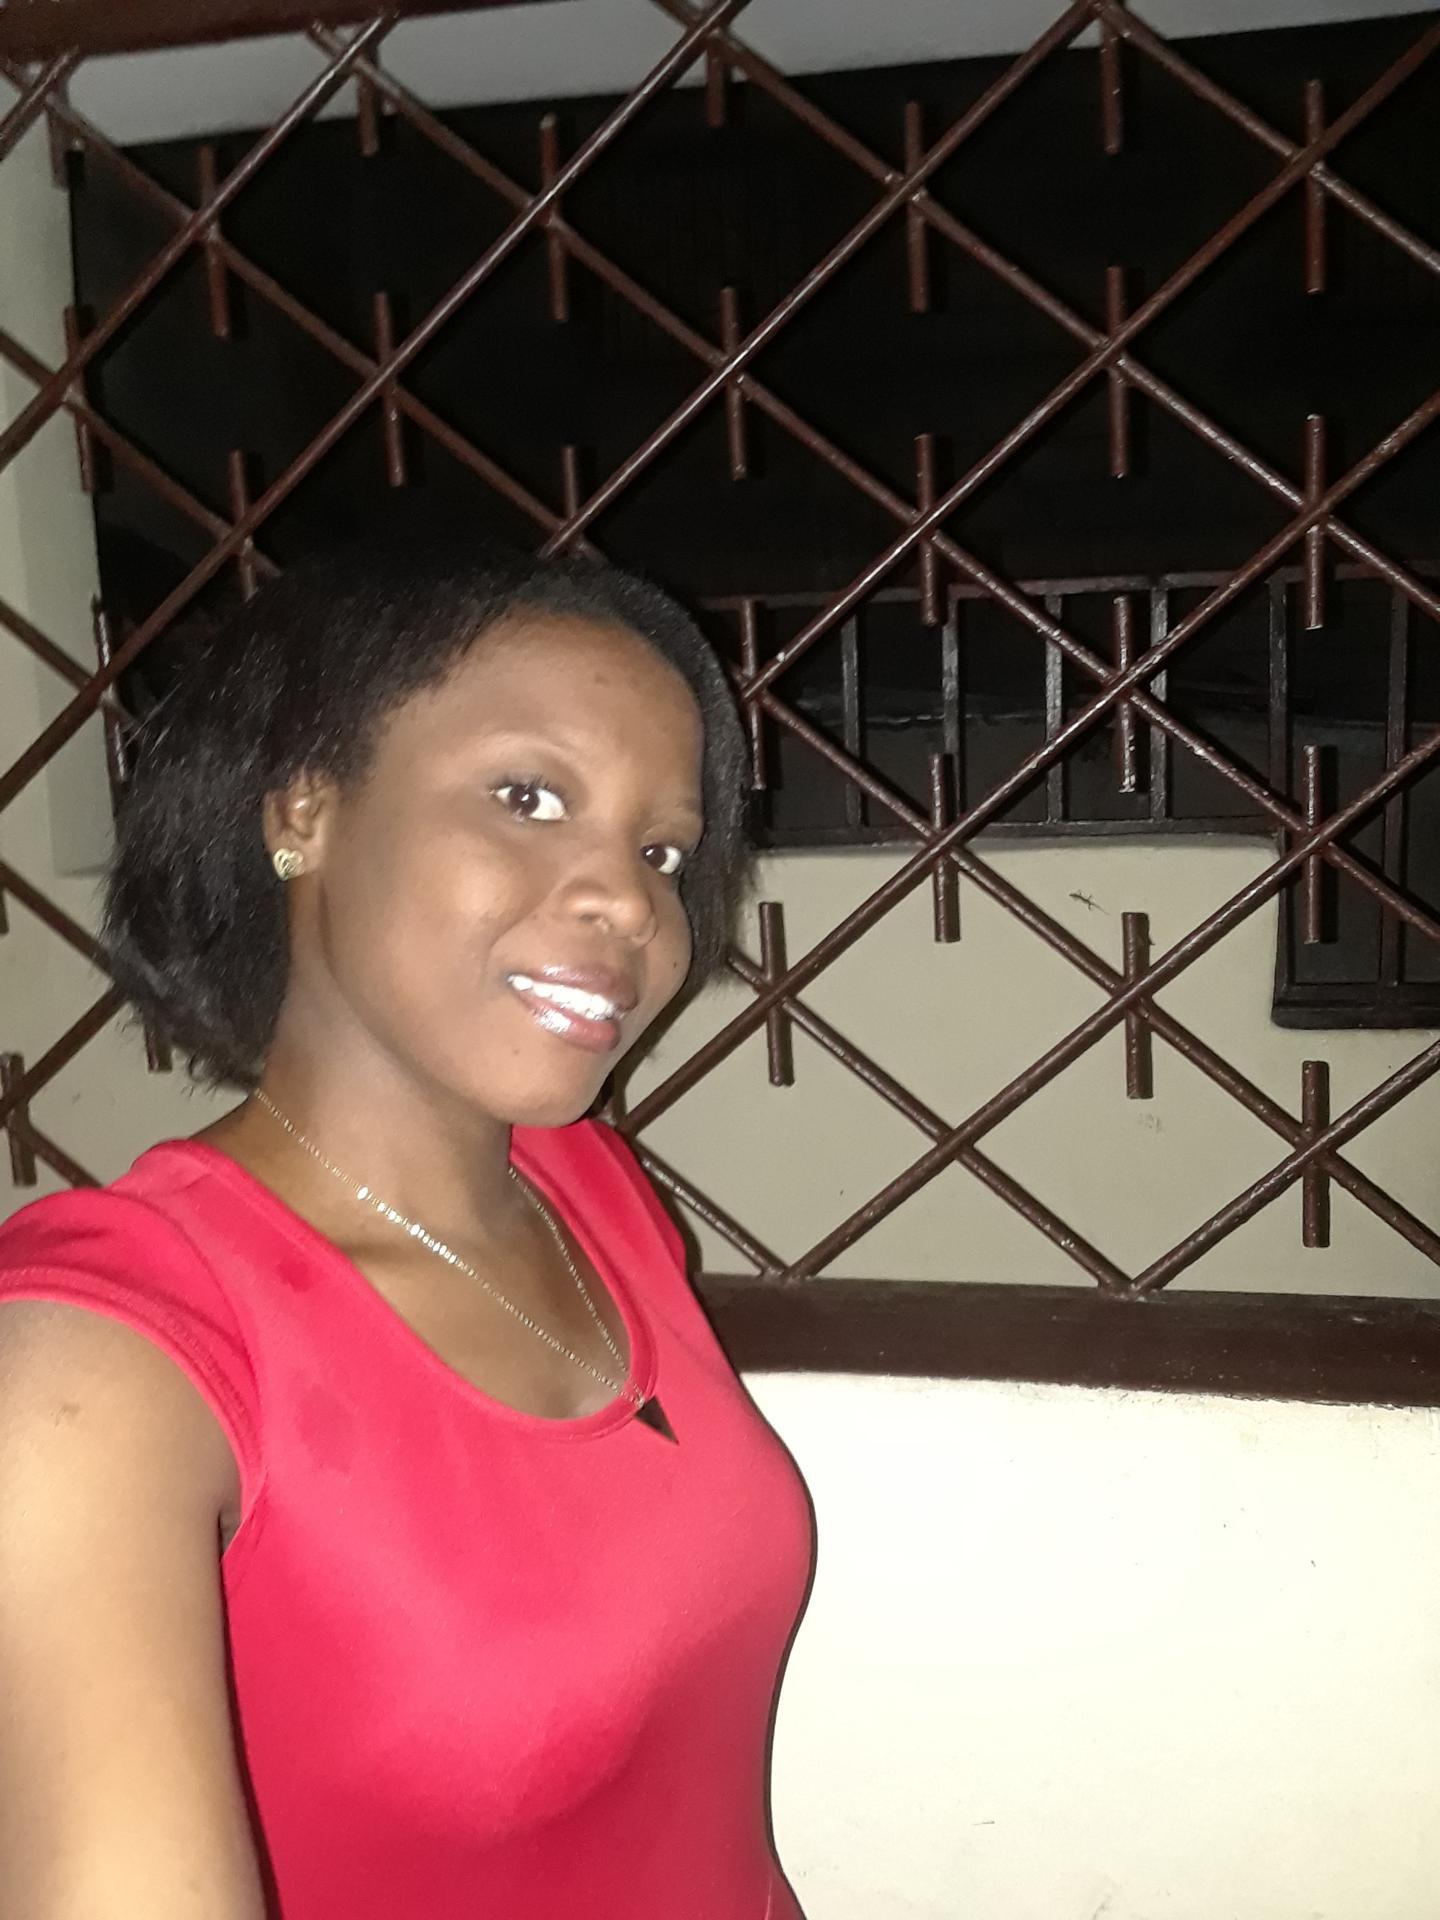 Haiti dating live.com verste dating profil noensinne får stor respons